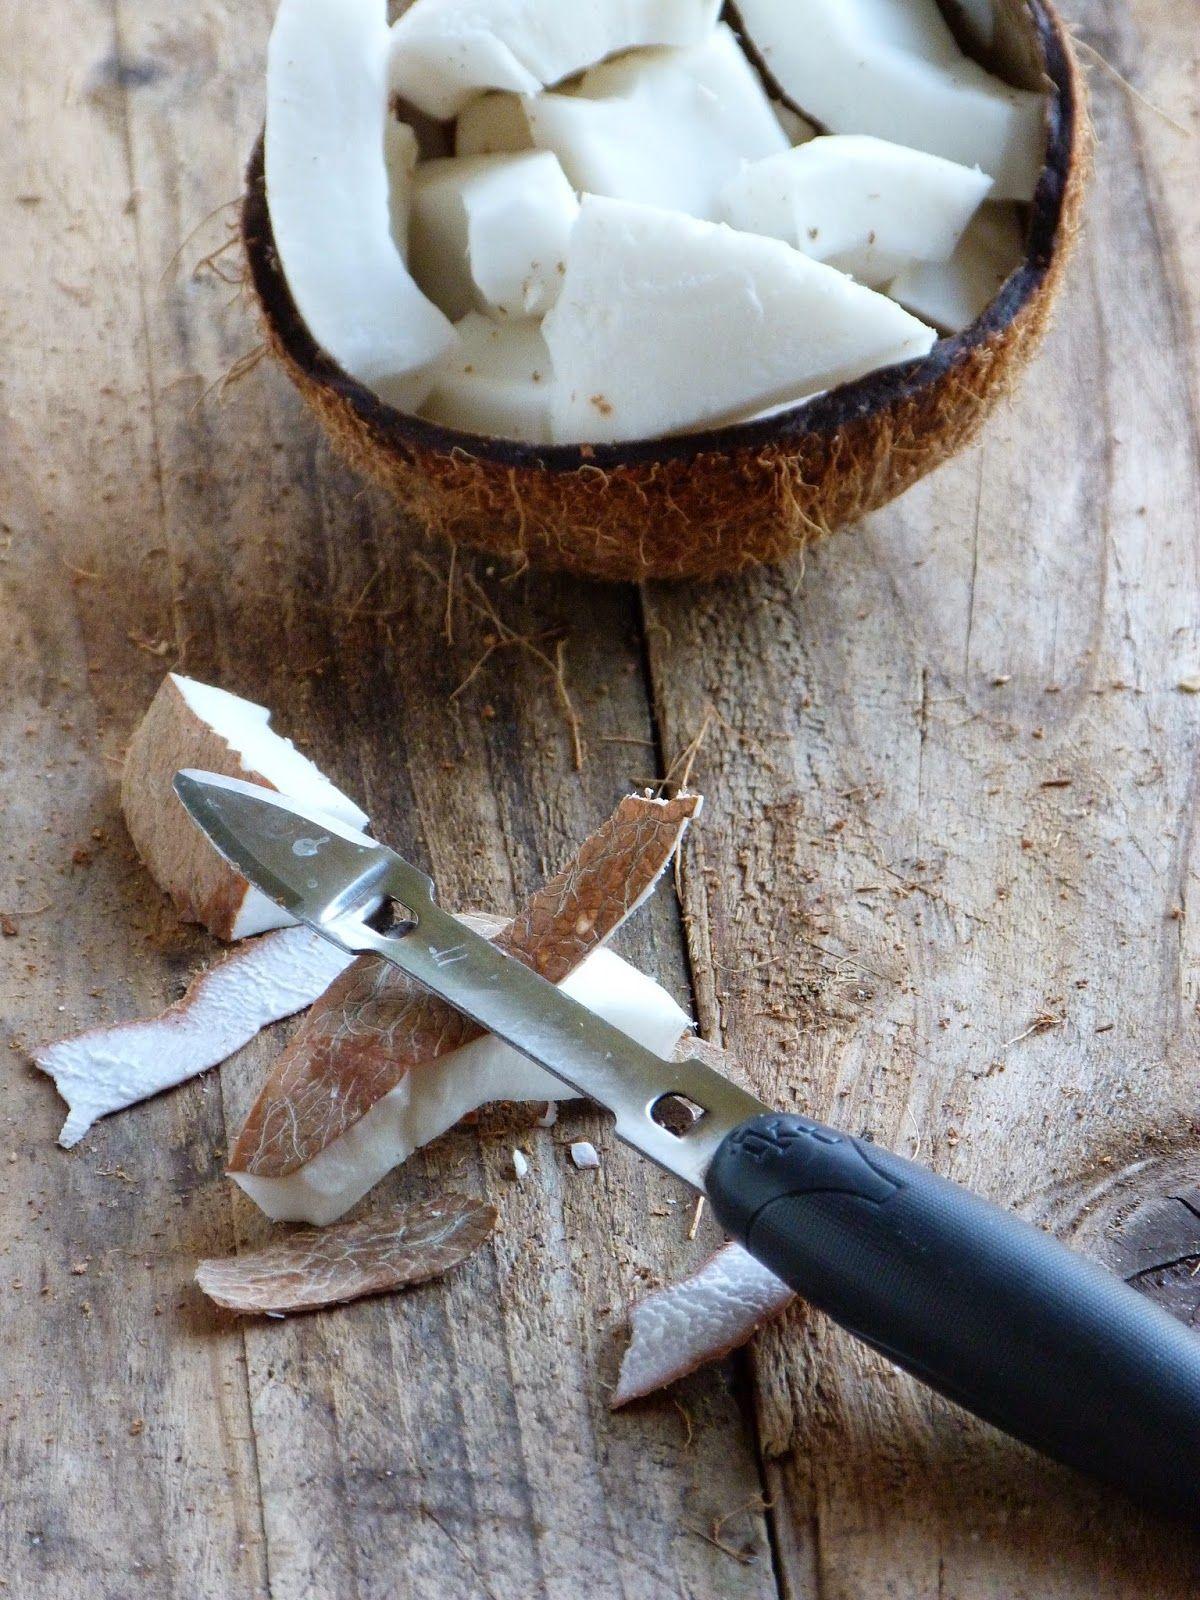 Comment Couper Une Noix De Coco : comment, couper, Comment, Ouvrir, Préparer, Coco?, Coco,, Recette